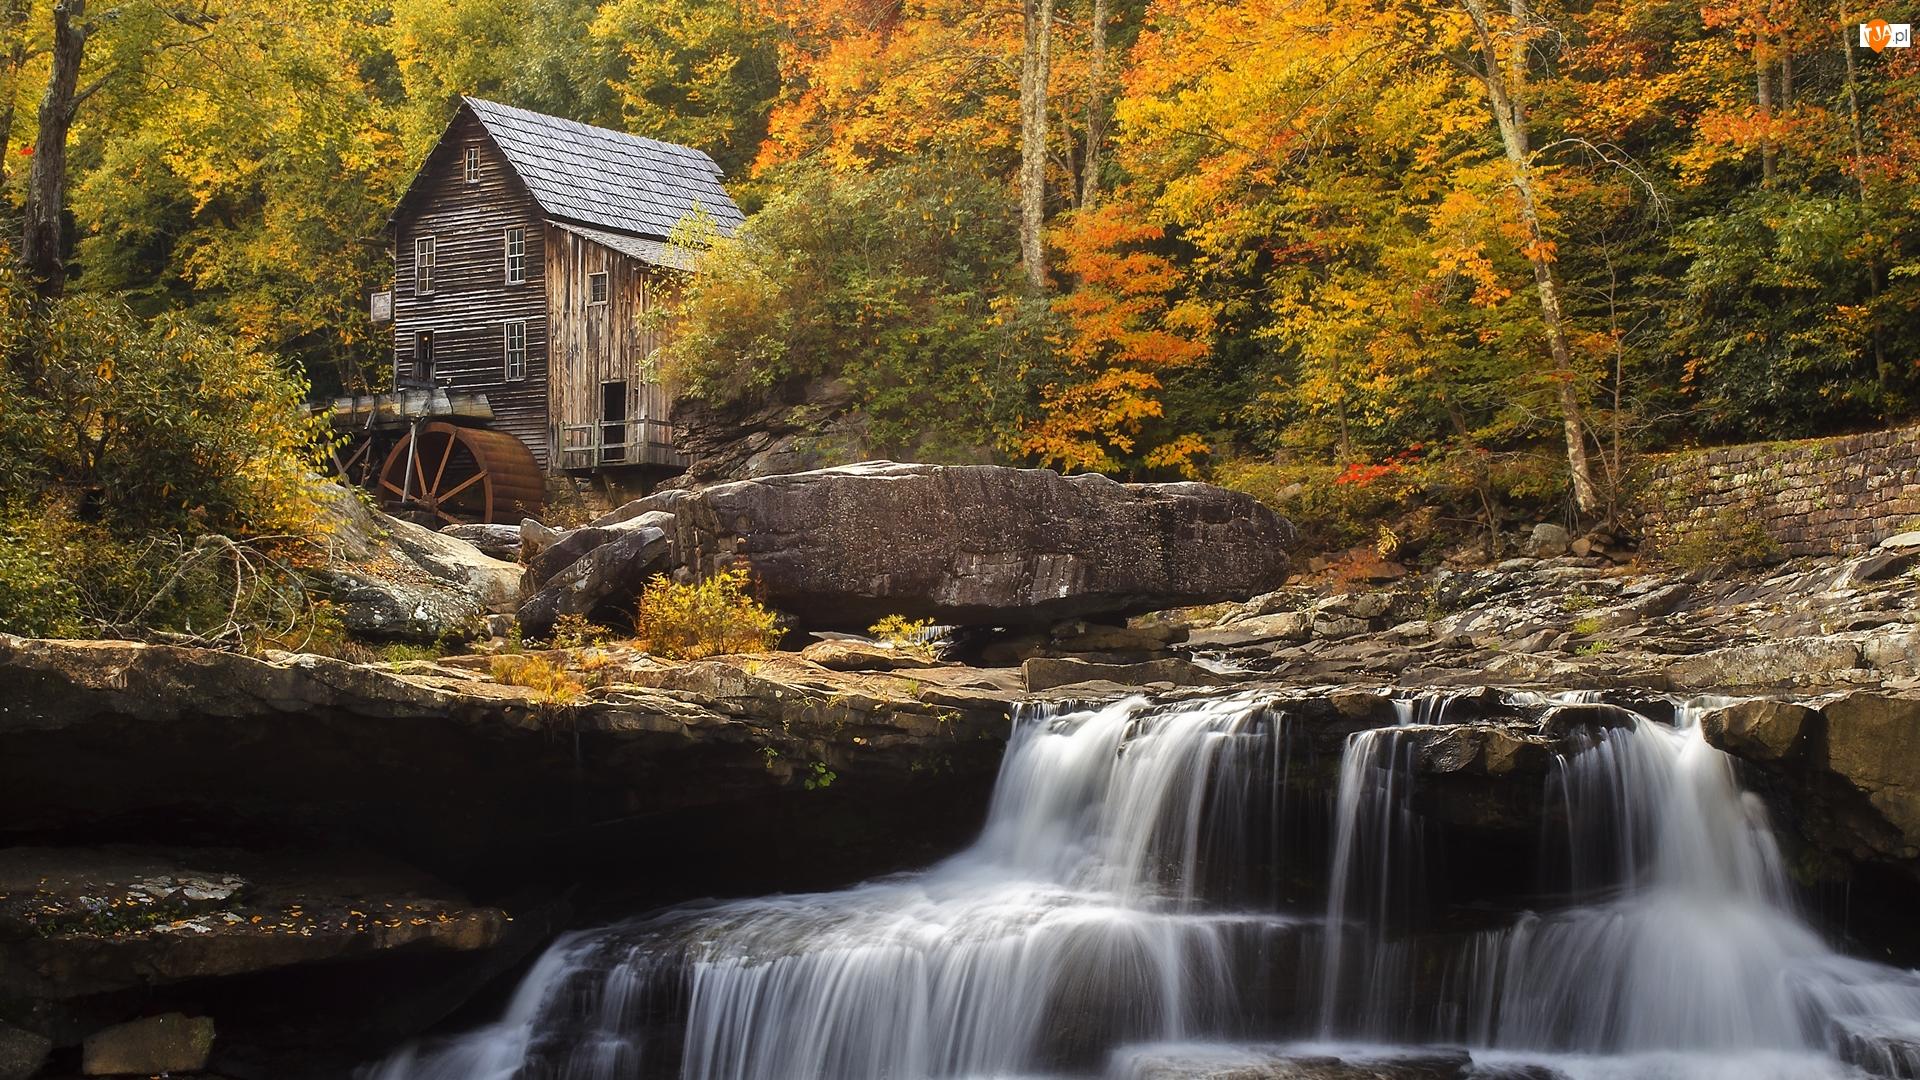 Stany Zjednoczone, Glade Creek Grist Mill, Wirginia Zachodnia, Skała, Park Babcock State, Most, Jesień, Młyn, Rzeka New River Gorge